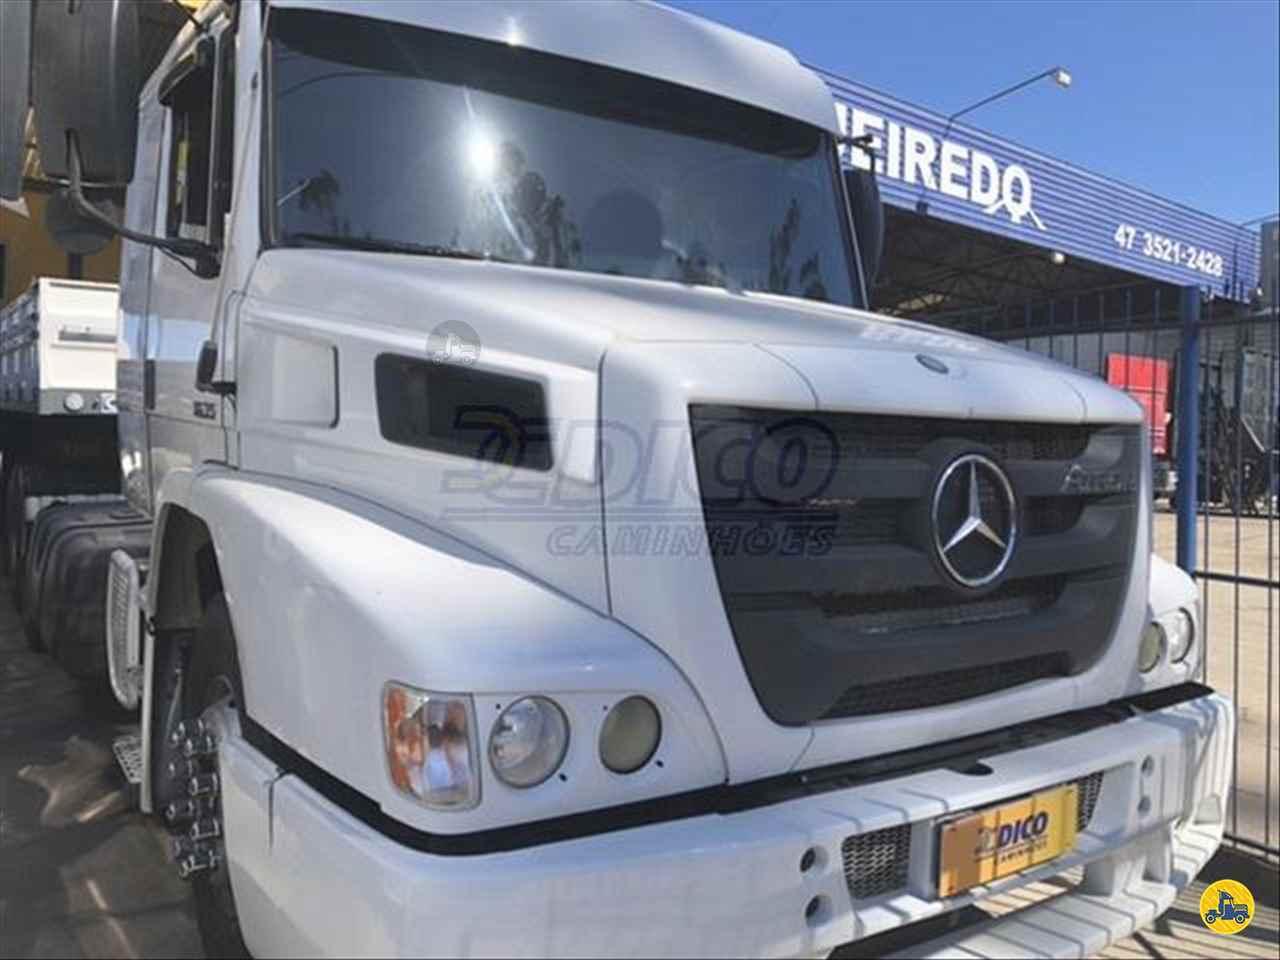 CAMINHAO MERCEDES-BENZ MB 1635 Cavalo Mecânico Truck 6x2 Dico Caminhões RIO DO SUL SANTA CATARINA SC